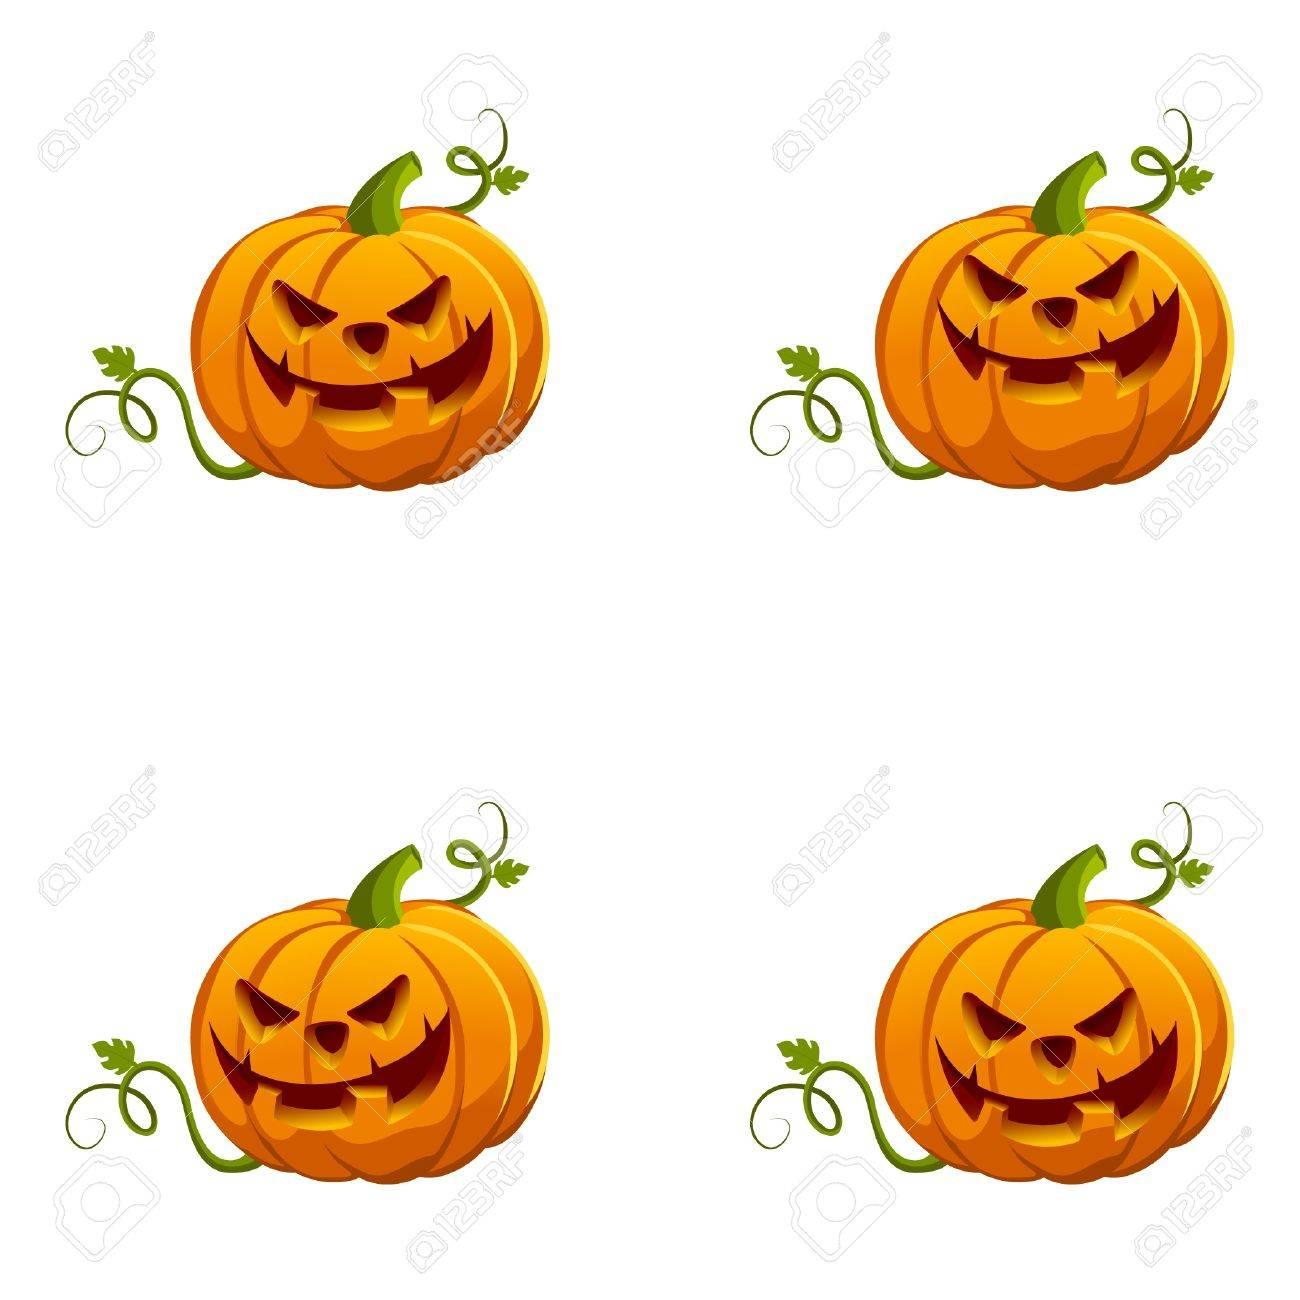 Halloween Pumpkin Stock Vector - 11029617